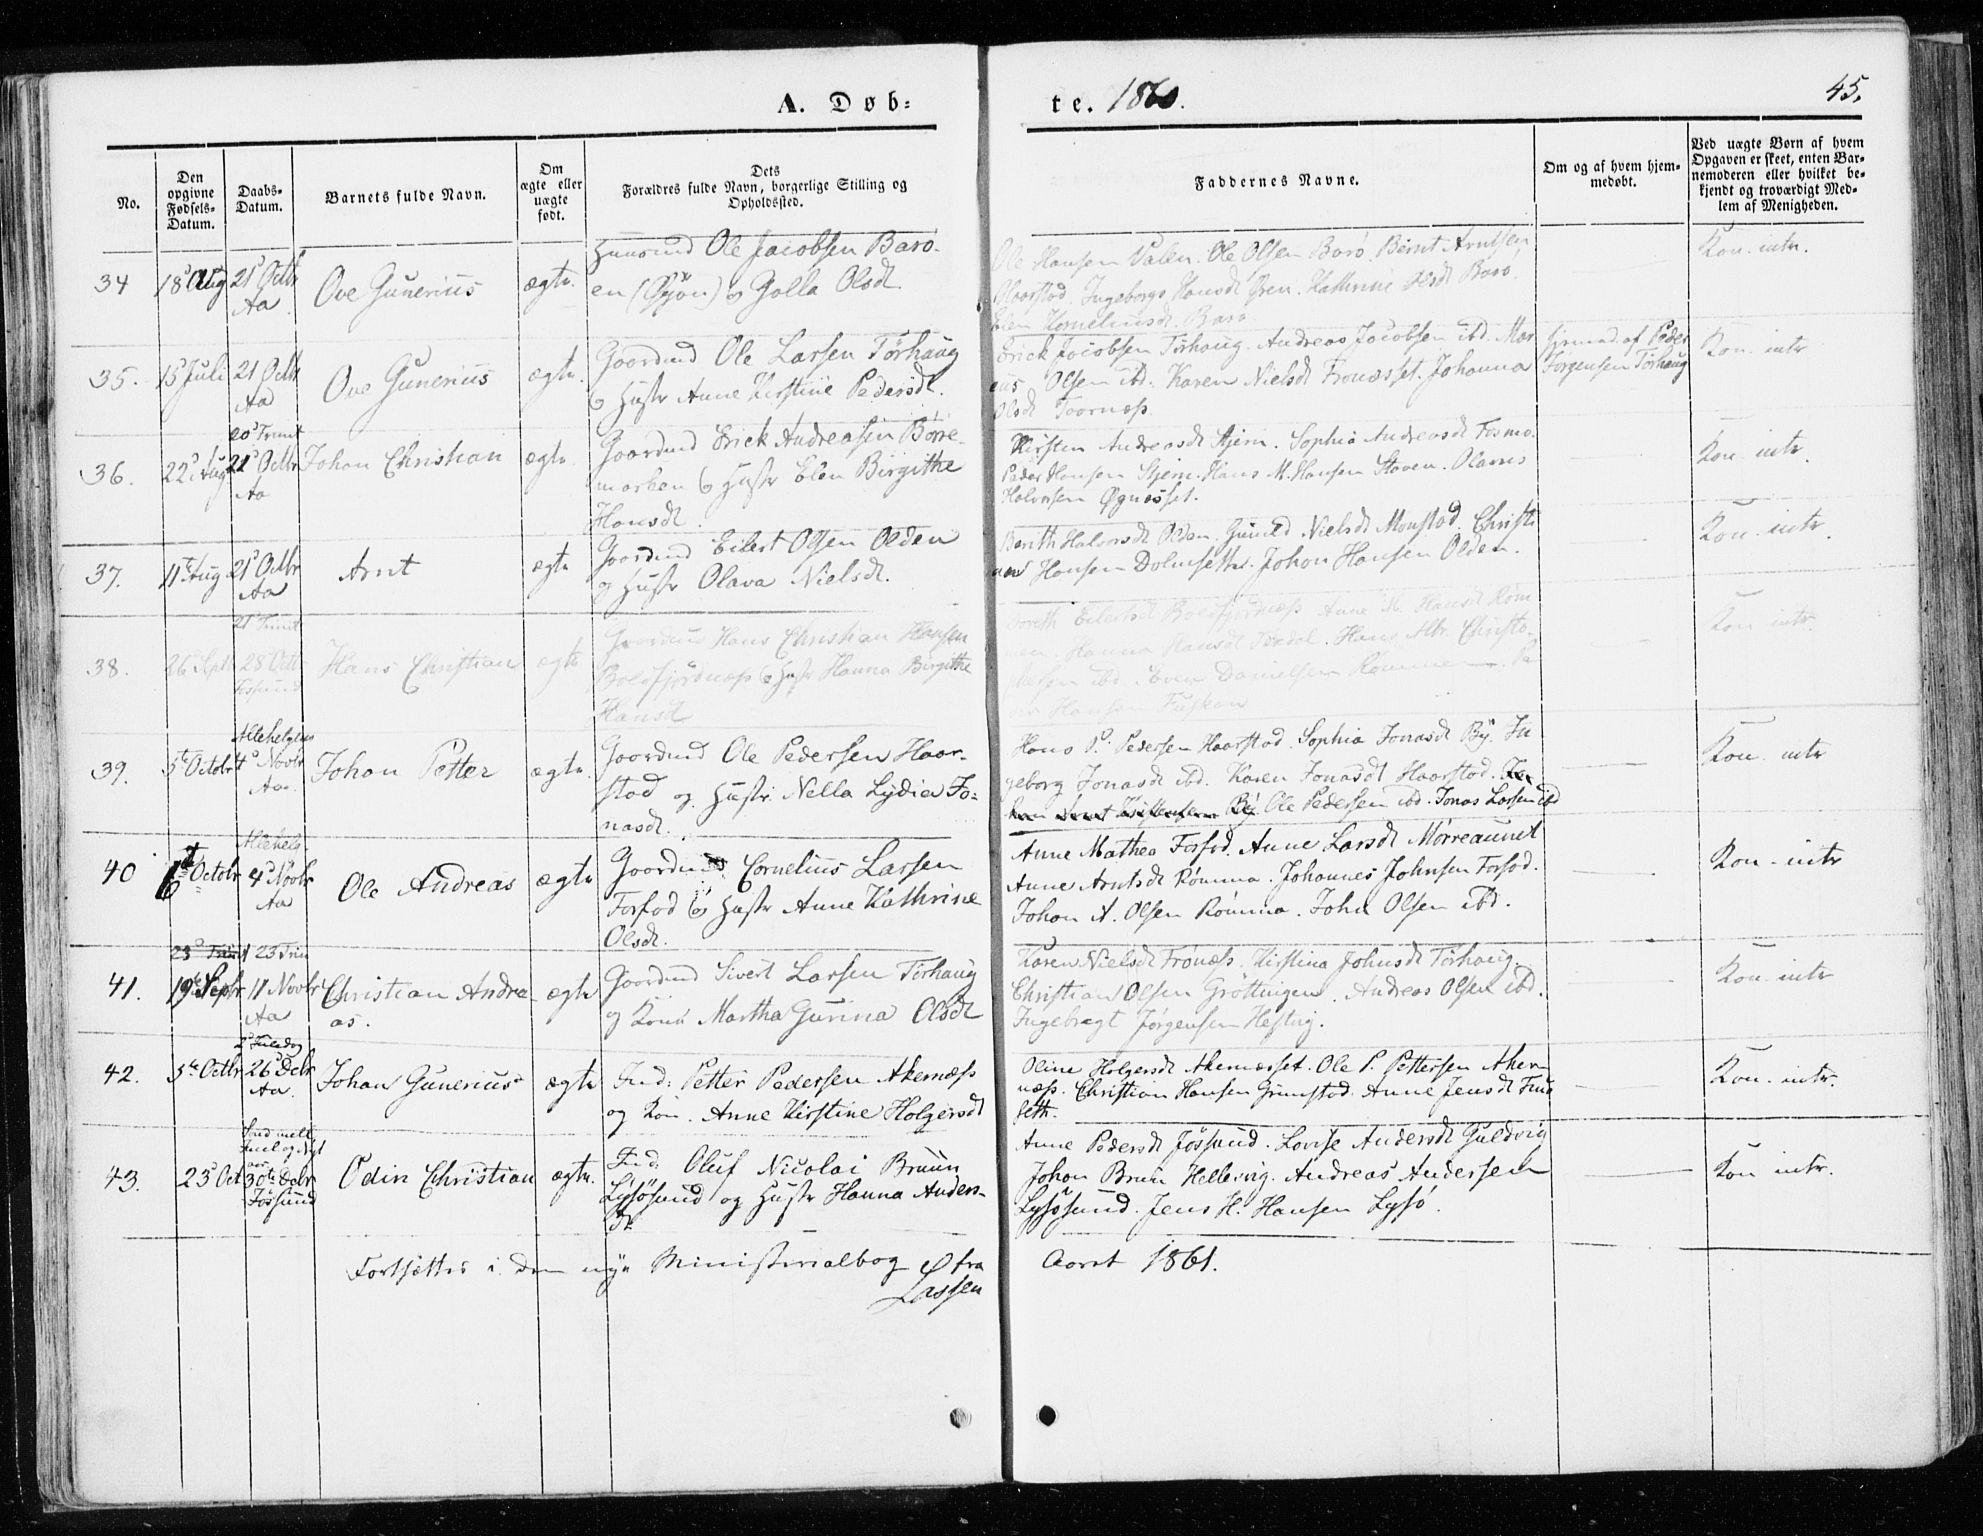 SAT, Ministerialprotokoller, klokkerbøker og fødselsregistre - Sør-Trøndelag, 655/L0677: Ministerialbok nr. 655A06, 1847-1860, s. 45